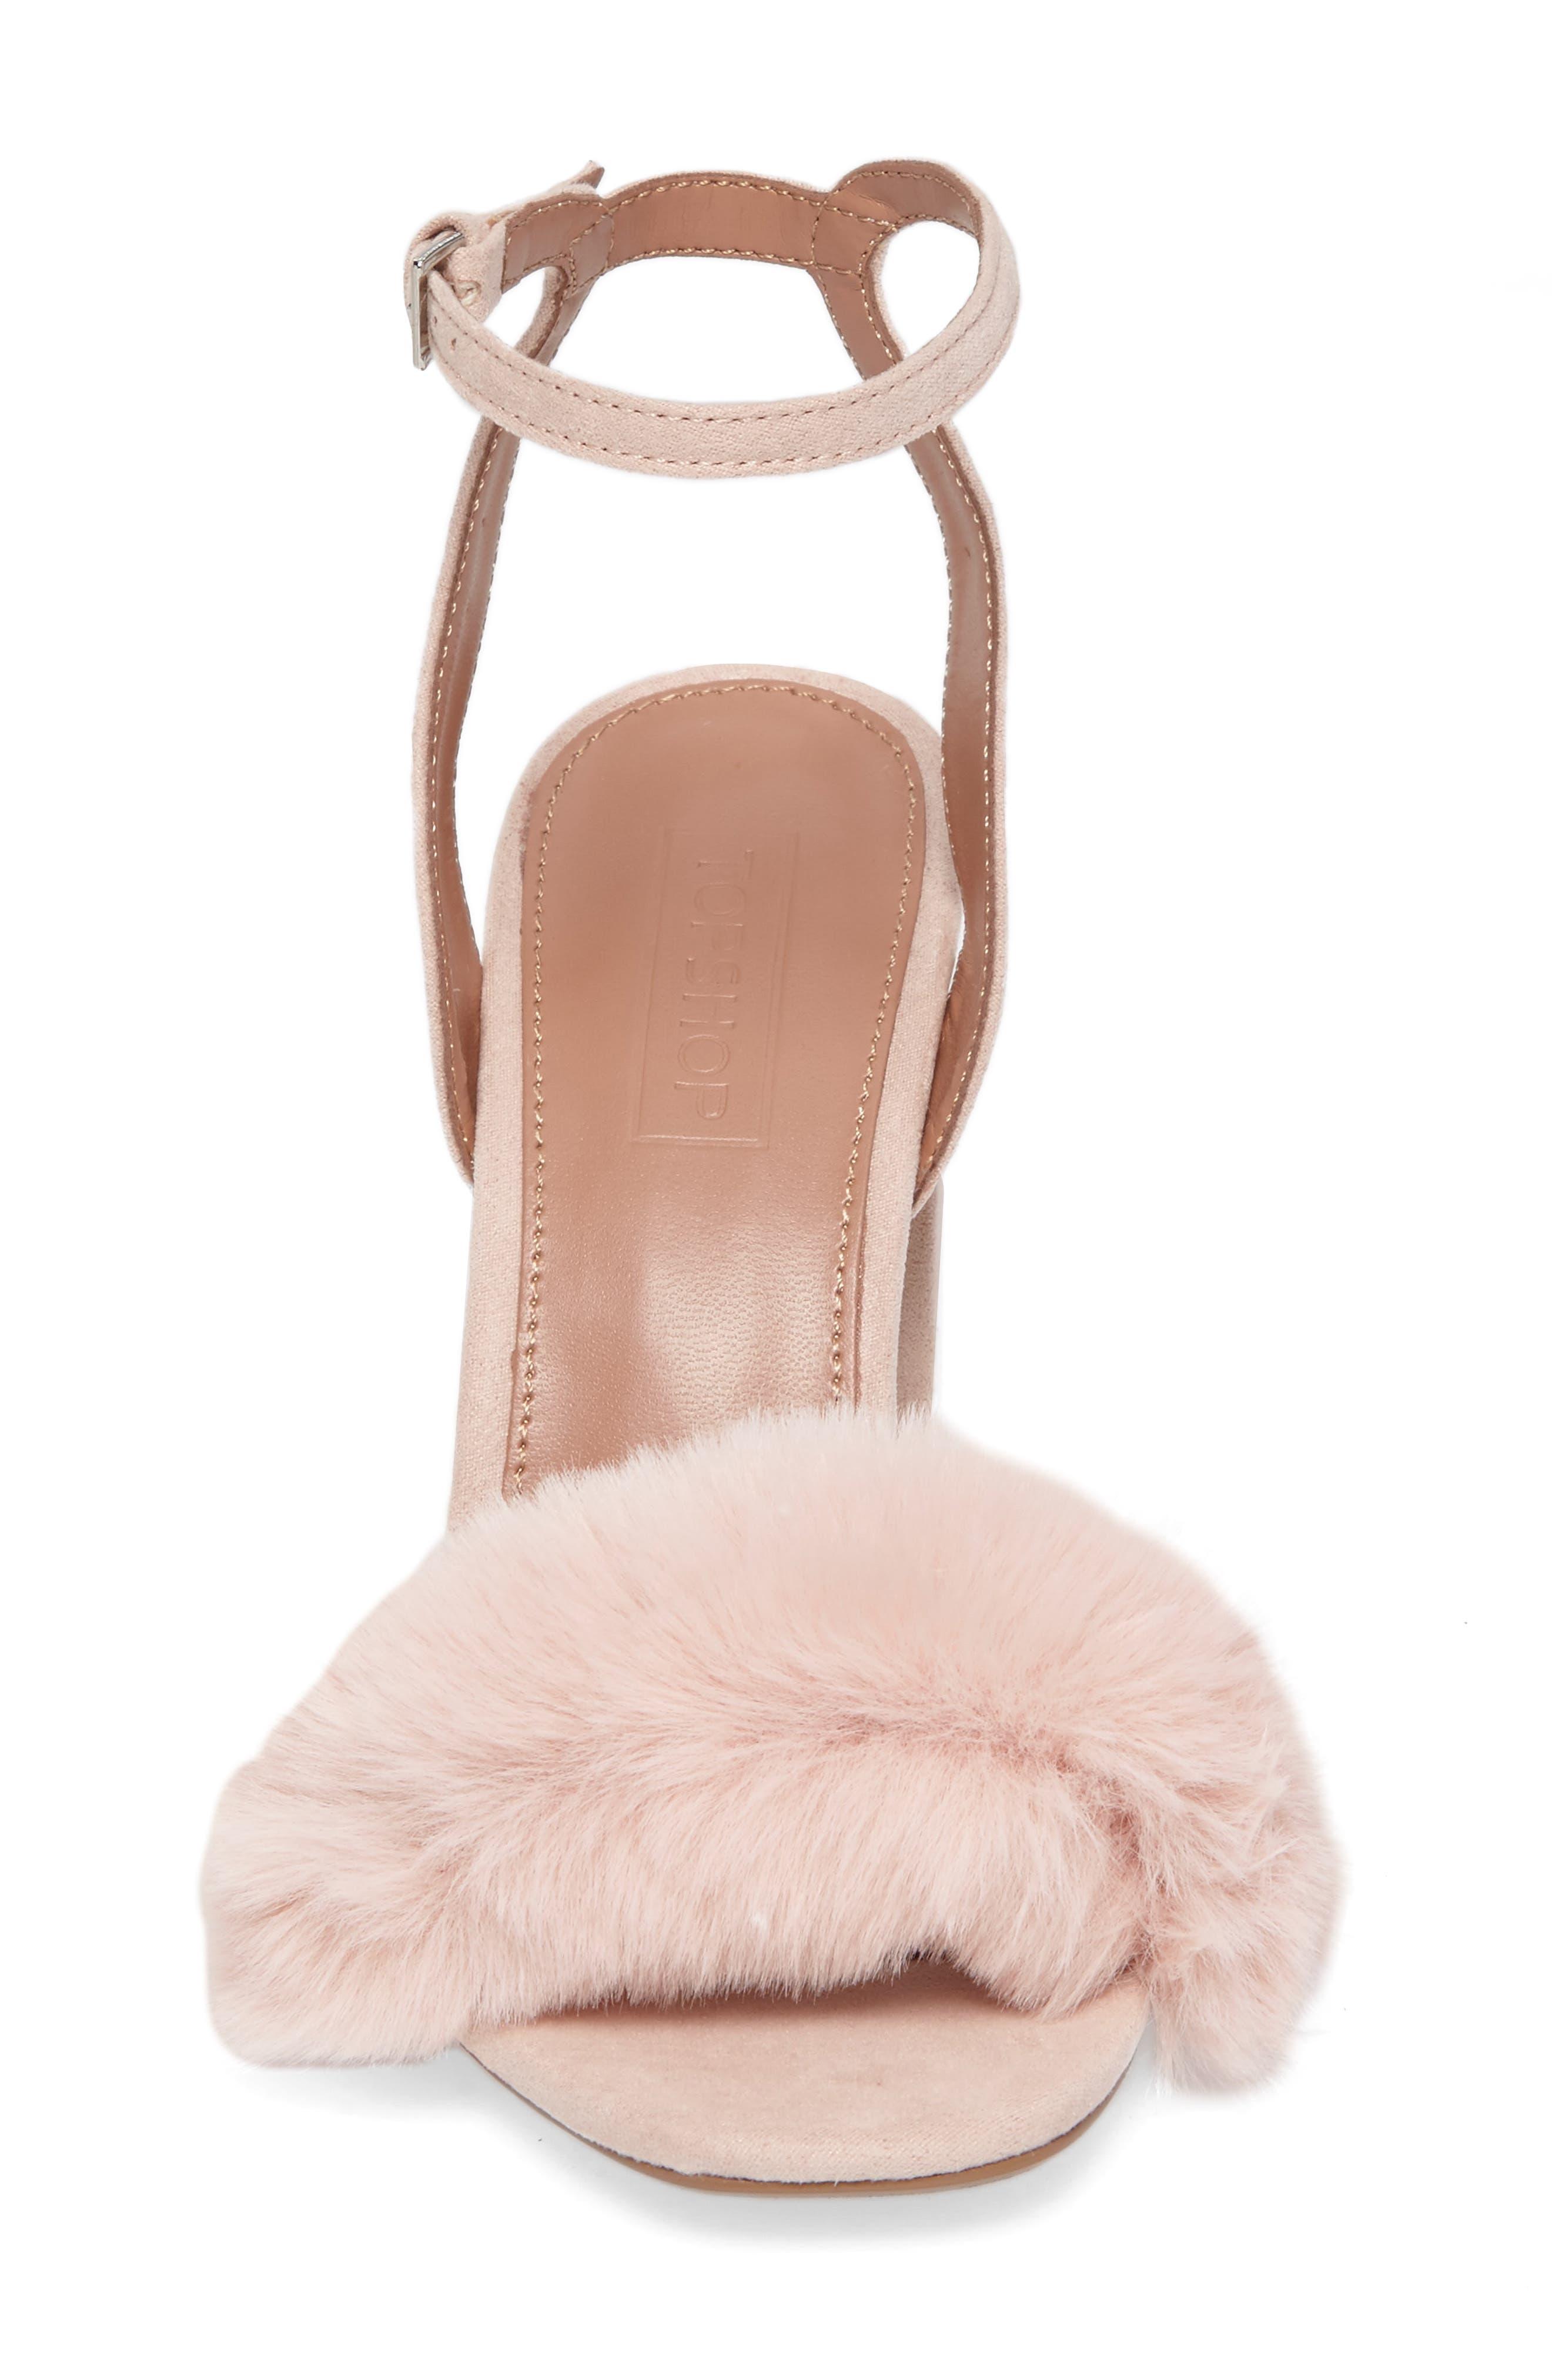 Maison Faux Fur Block Heel Sandal,                             Alternate thumbnail 4, color,                             250